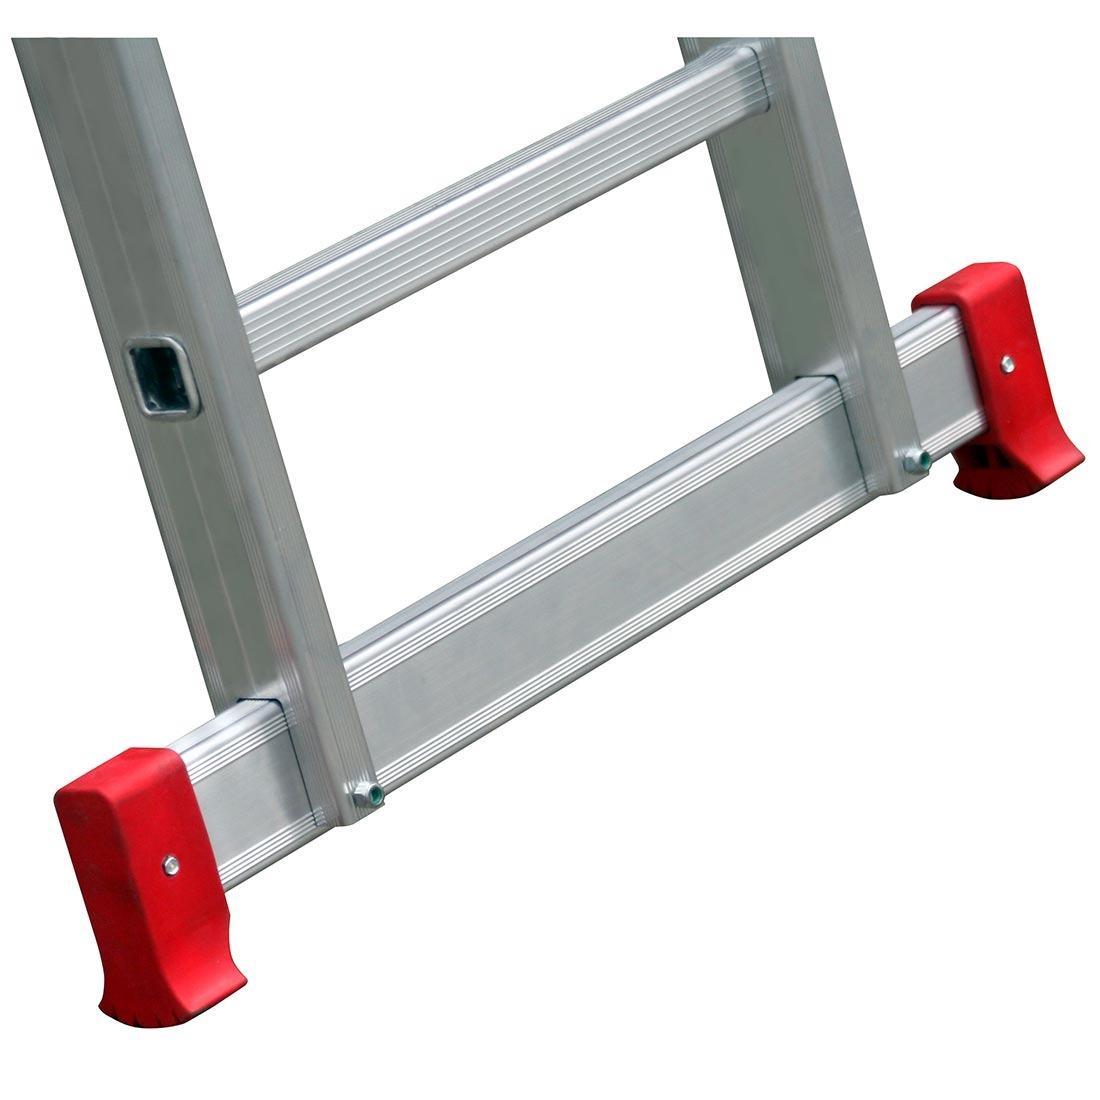 2a3e913823 Escada Articulada 4 X 4 Alumínio 4